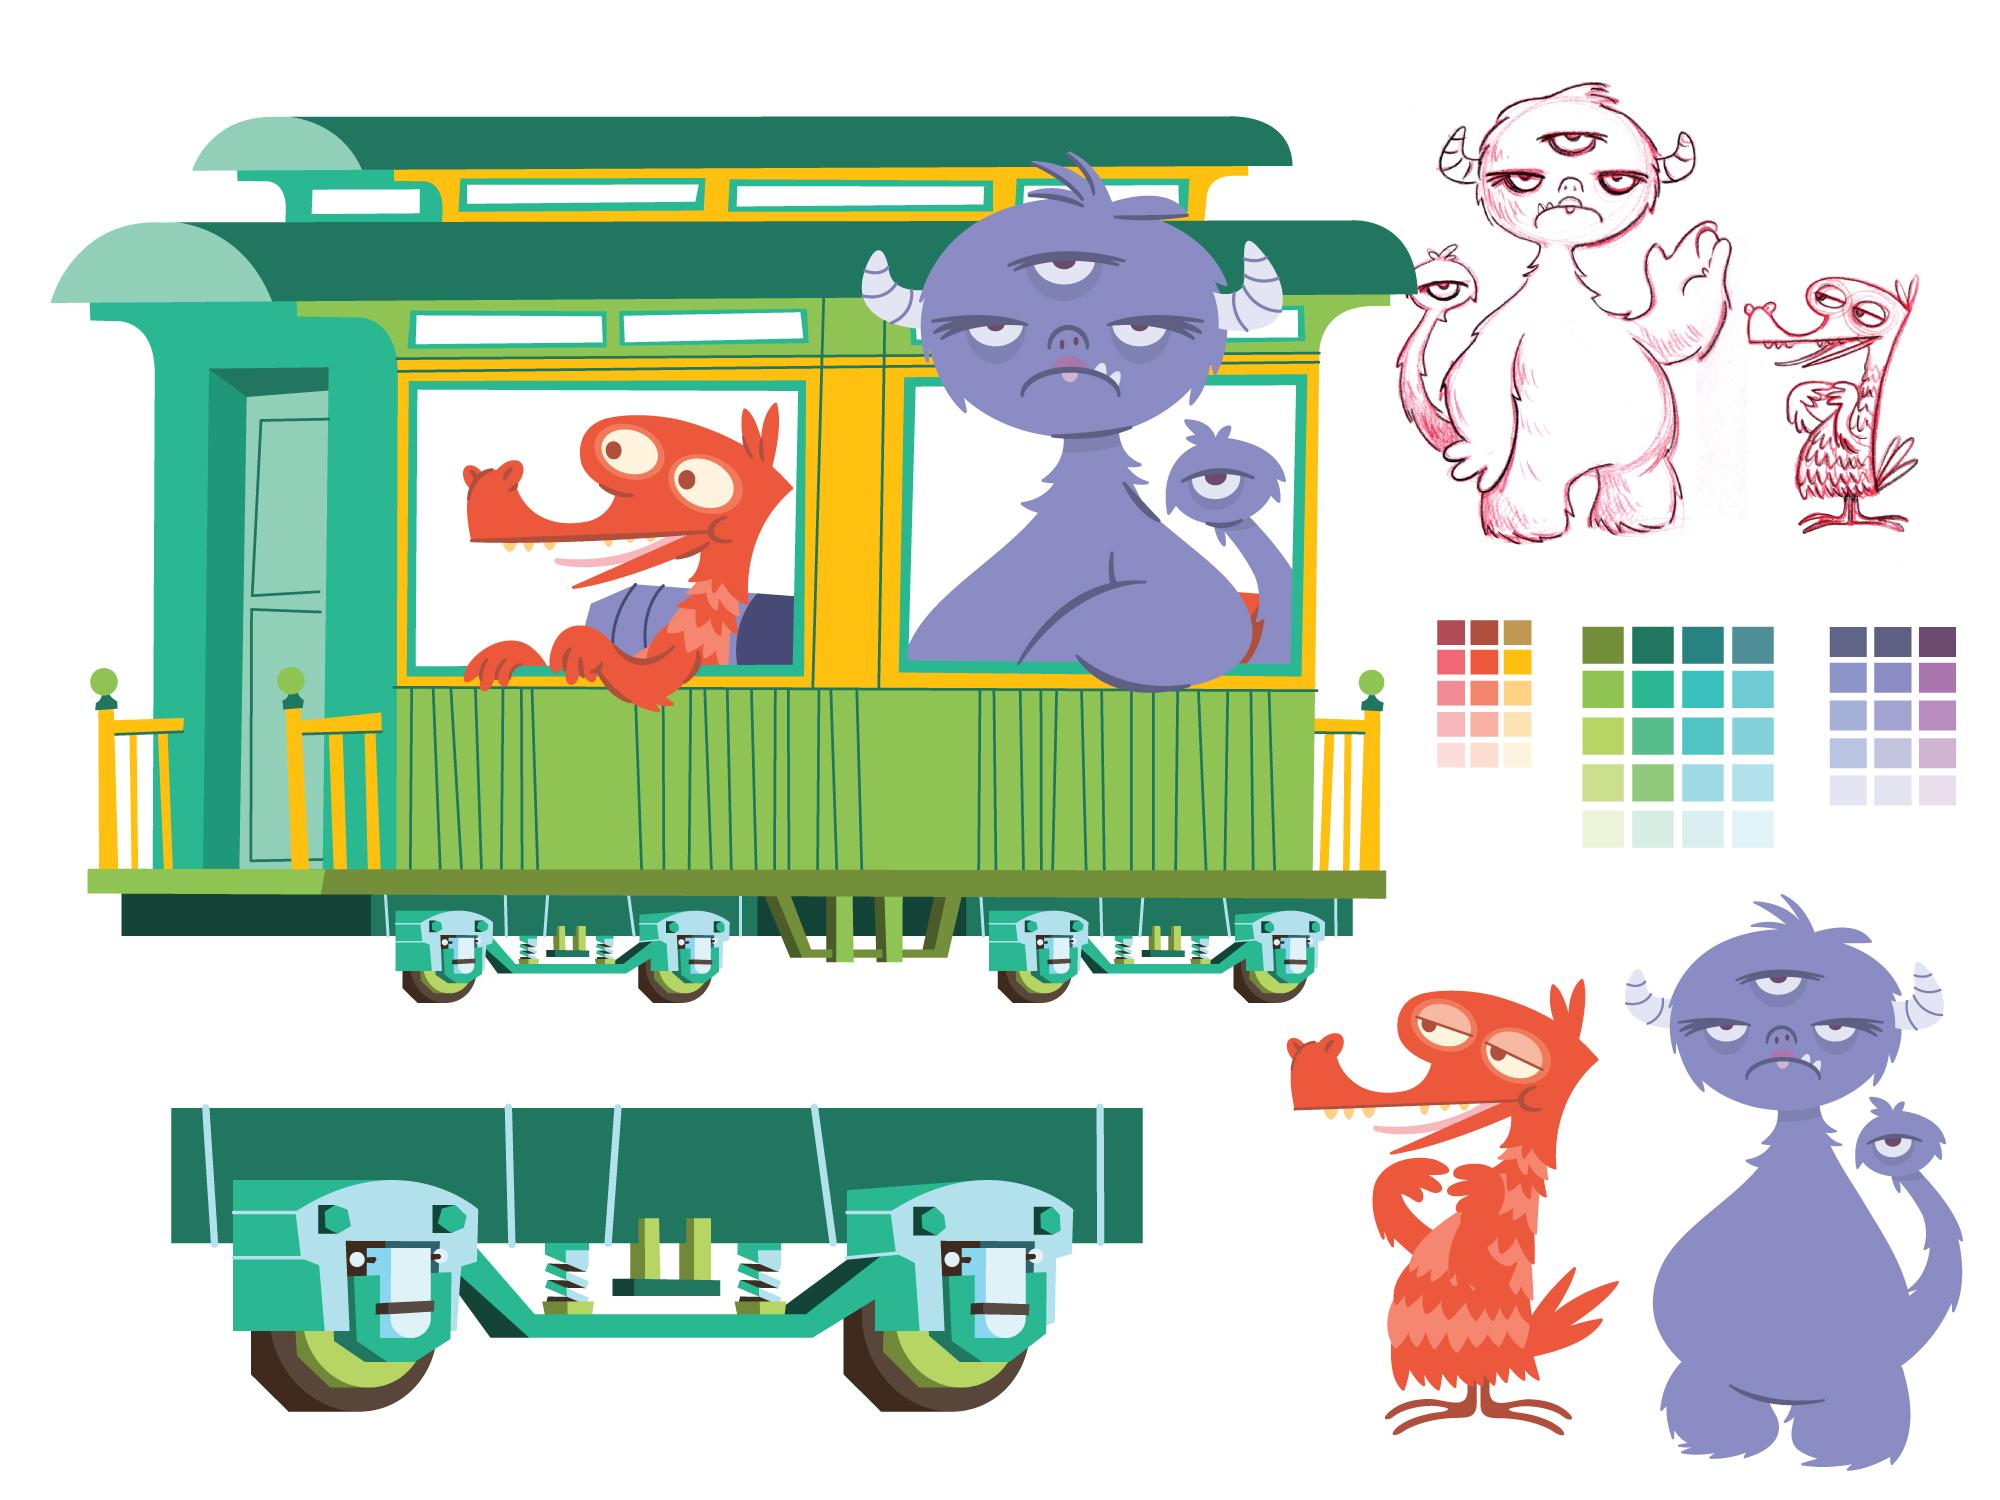 Moar train